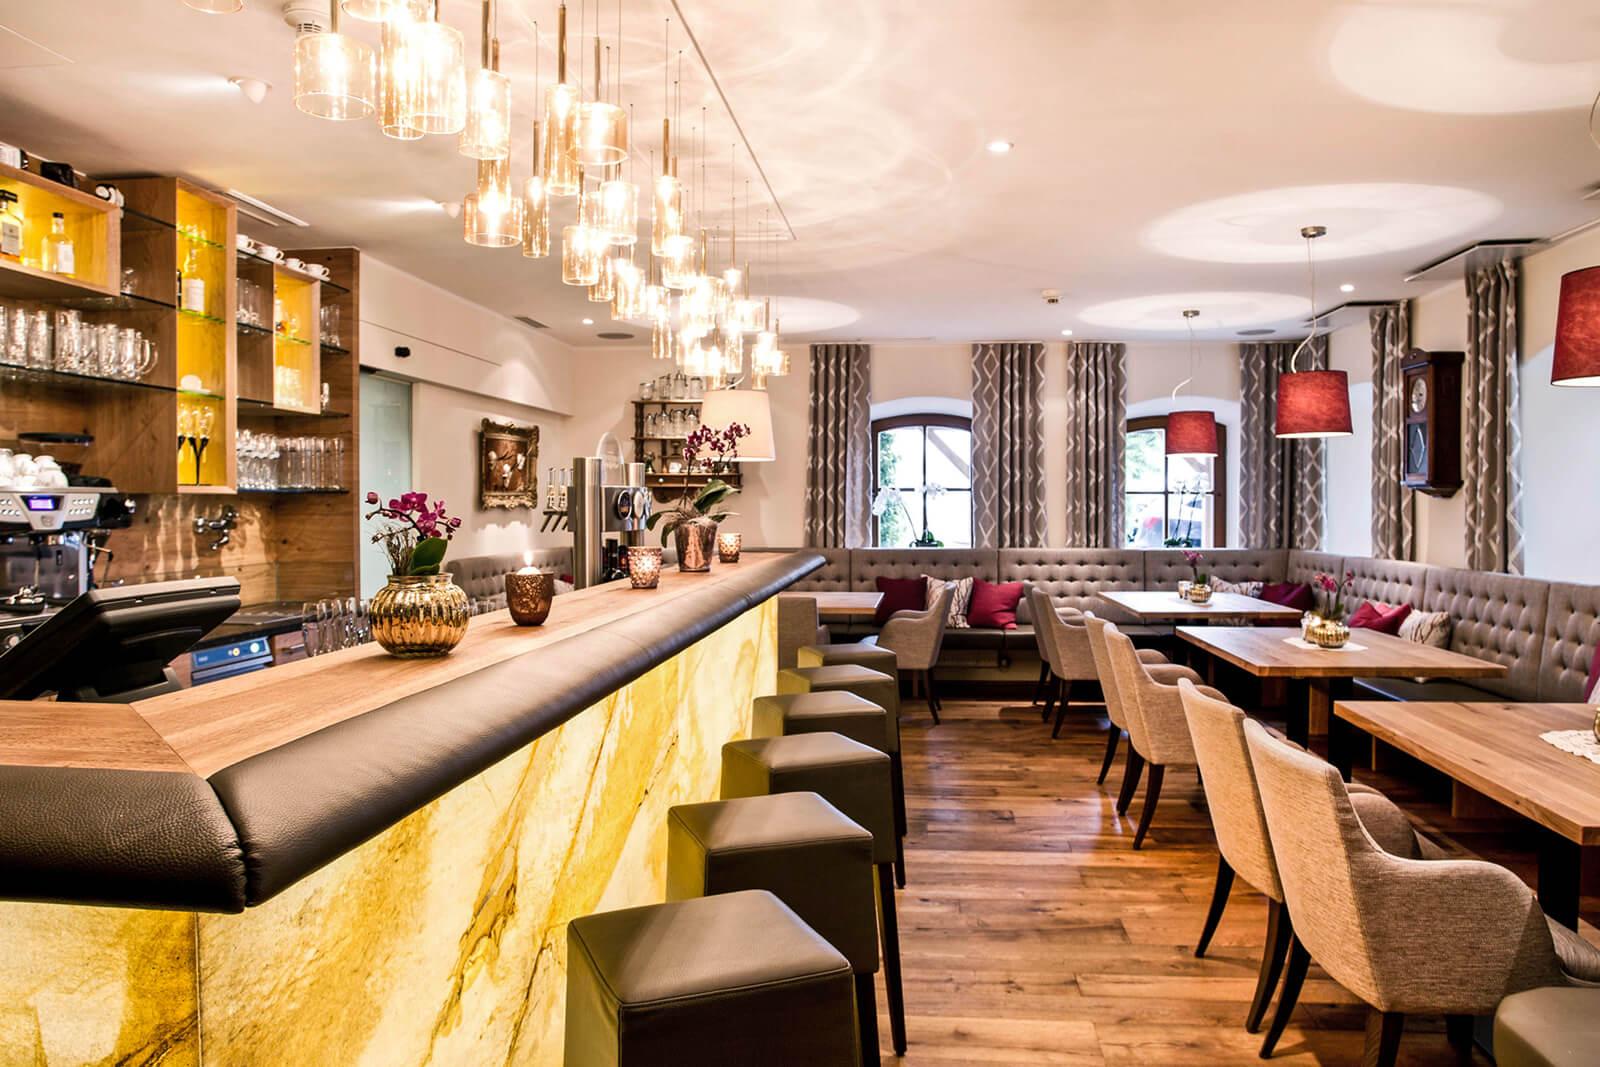 Crea-Plan-Design-Rauch-Frühmann-Architektur-Innenarchitektur-Design-Projekt-Referenz-Hotelerie-Gastronomie-Hotel-Bergergut-Gaststube-